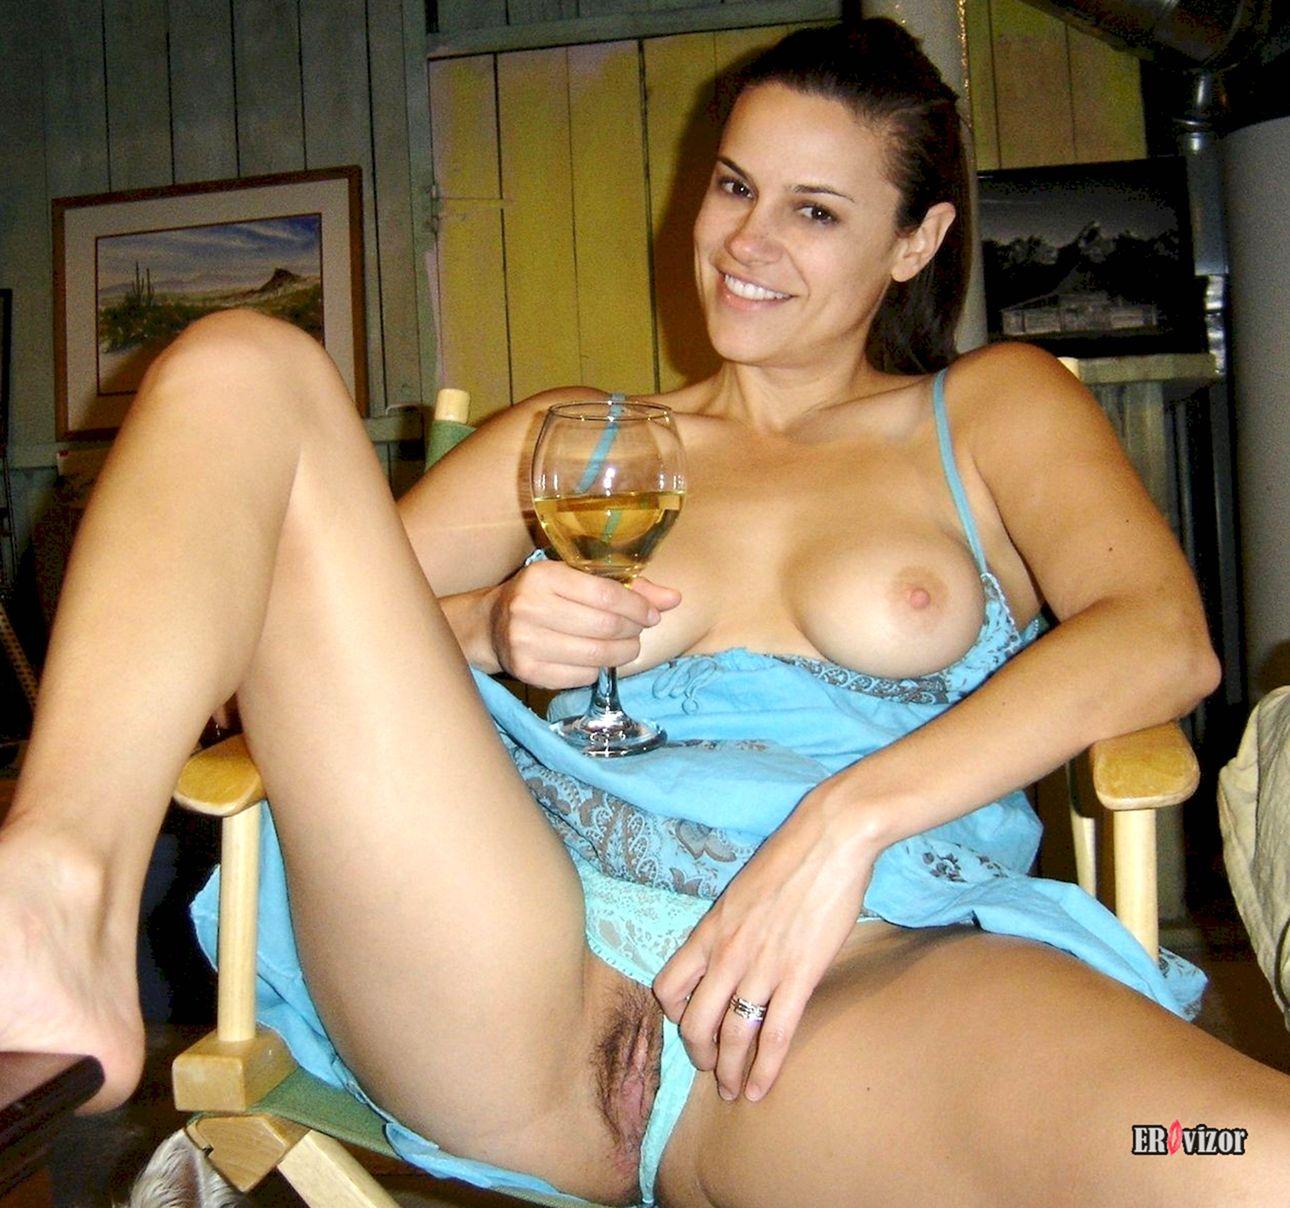 Пьяная жена раздвинула ноги и показала пизду